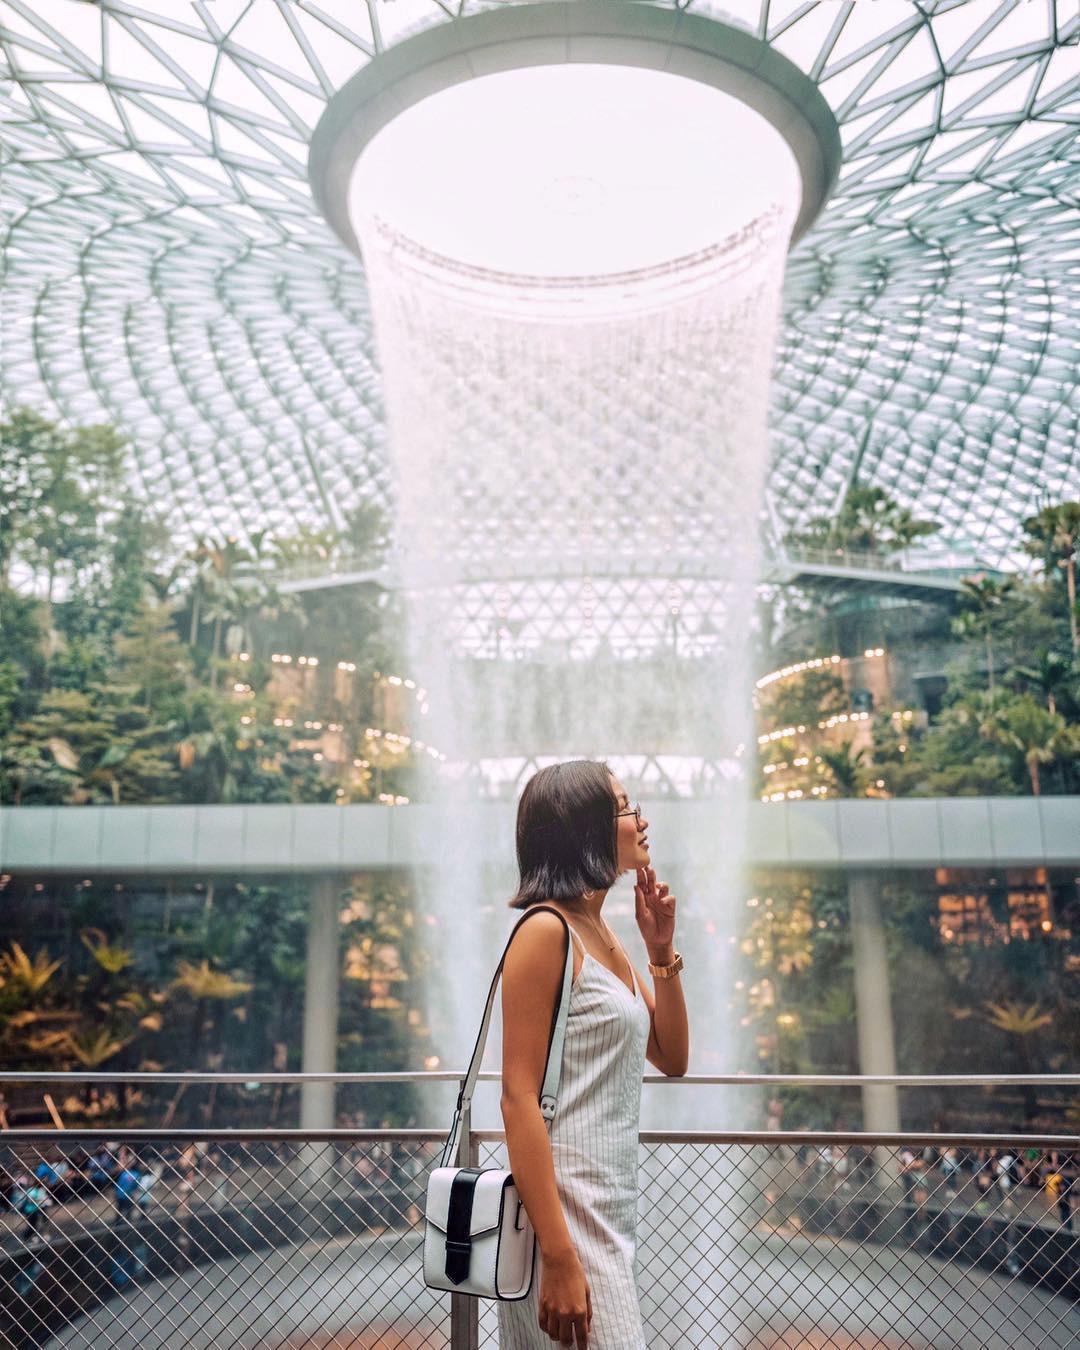 Thác nước khổng lồ chiếm trọn spotlight sân bay Changi - Singapore: cứ 10 người đến đây thì hết 9 người đăng ảnh check-in với background này - Ảnh 10.